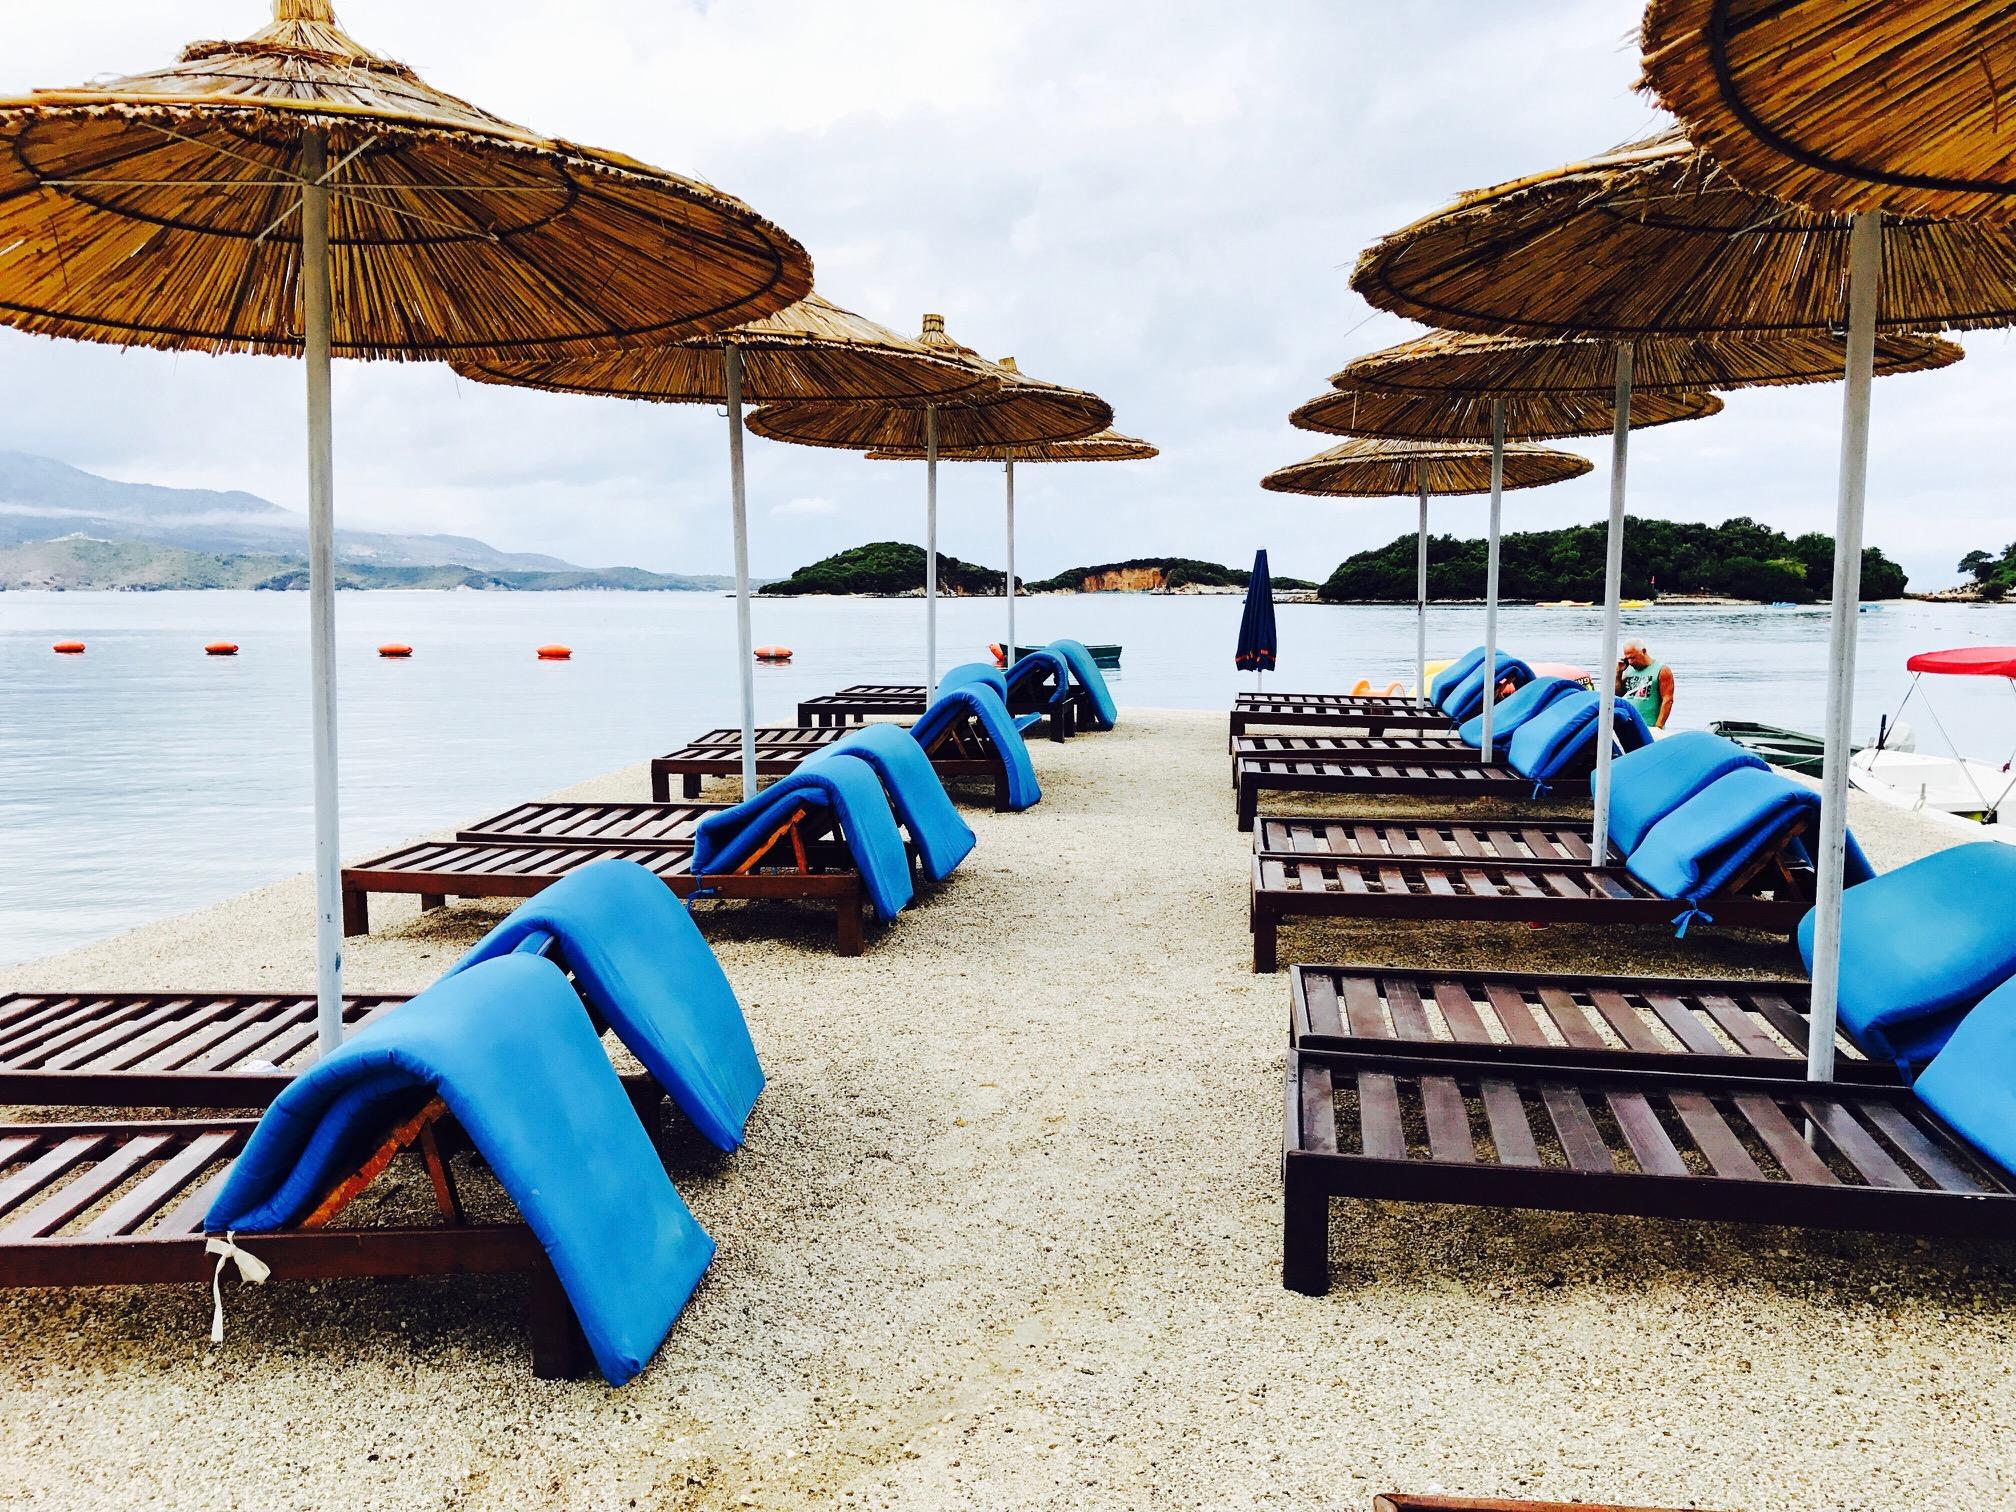 Blick auf leere Liegen am Strand von Ksamil in Albanien